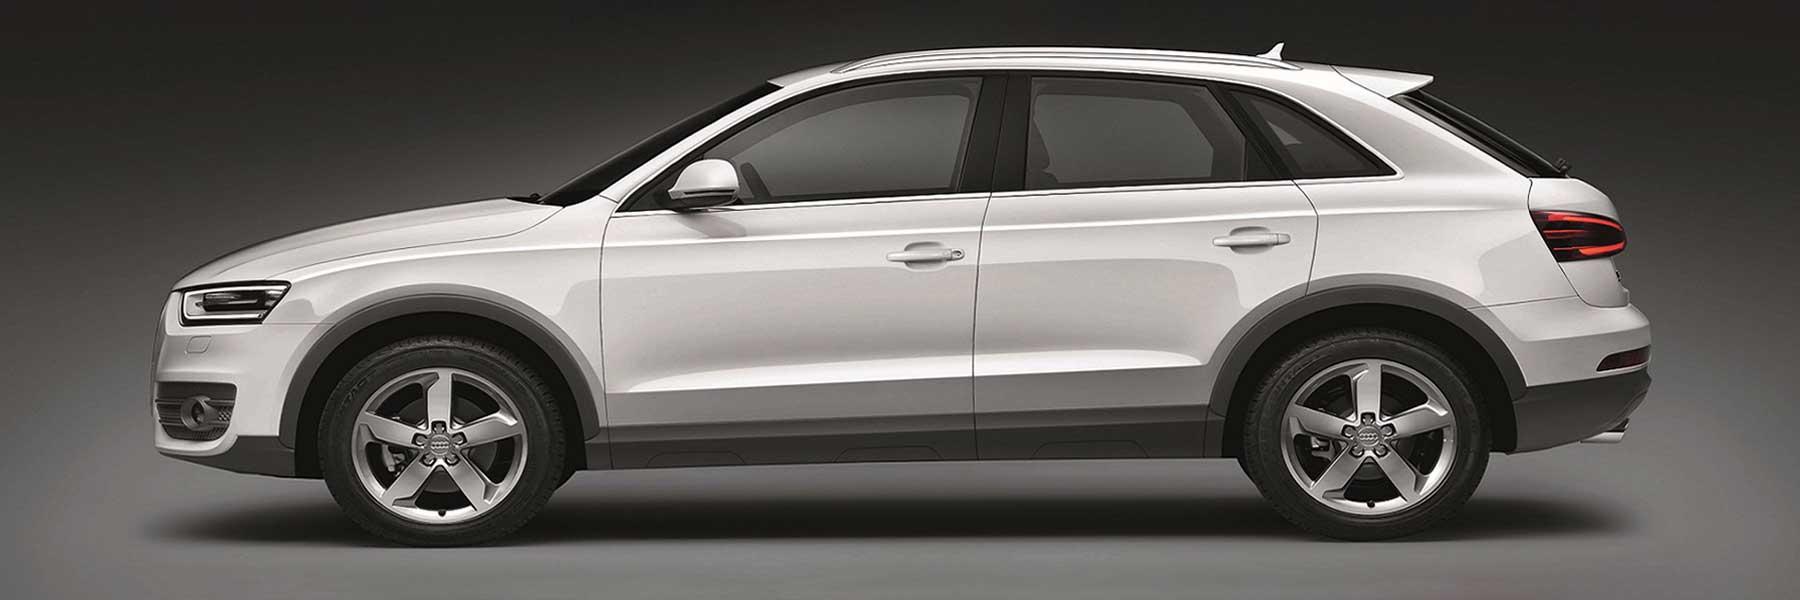 Audi määräaikaishuolto - RK-Cityhuolto Oy